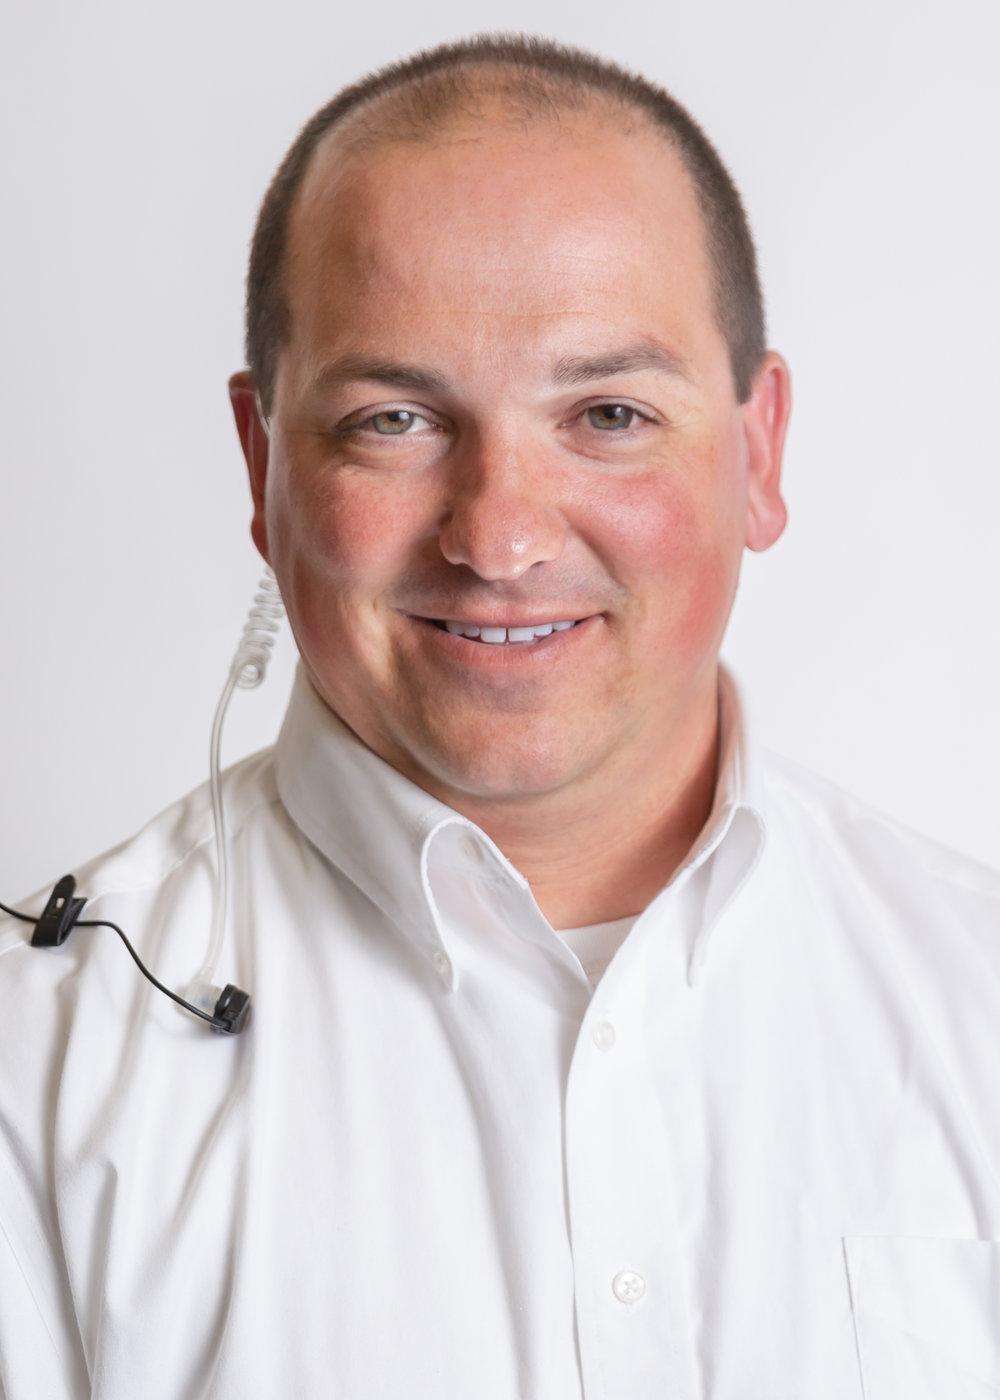 Dan Behnke | Remote Camera & Smoke On staff since 2014